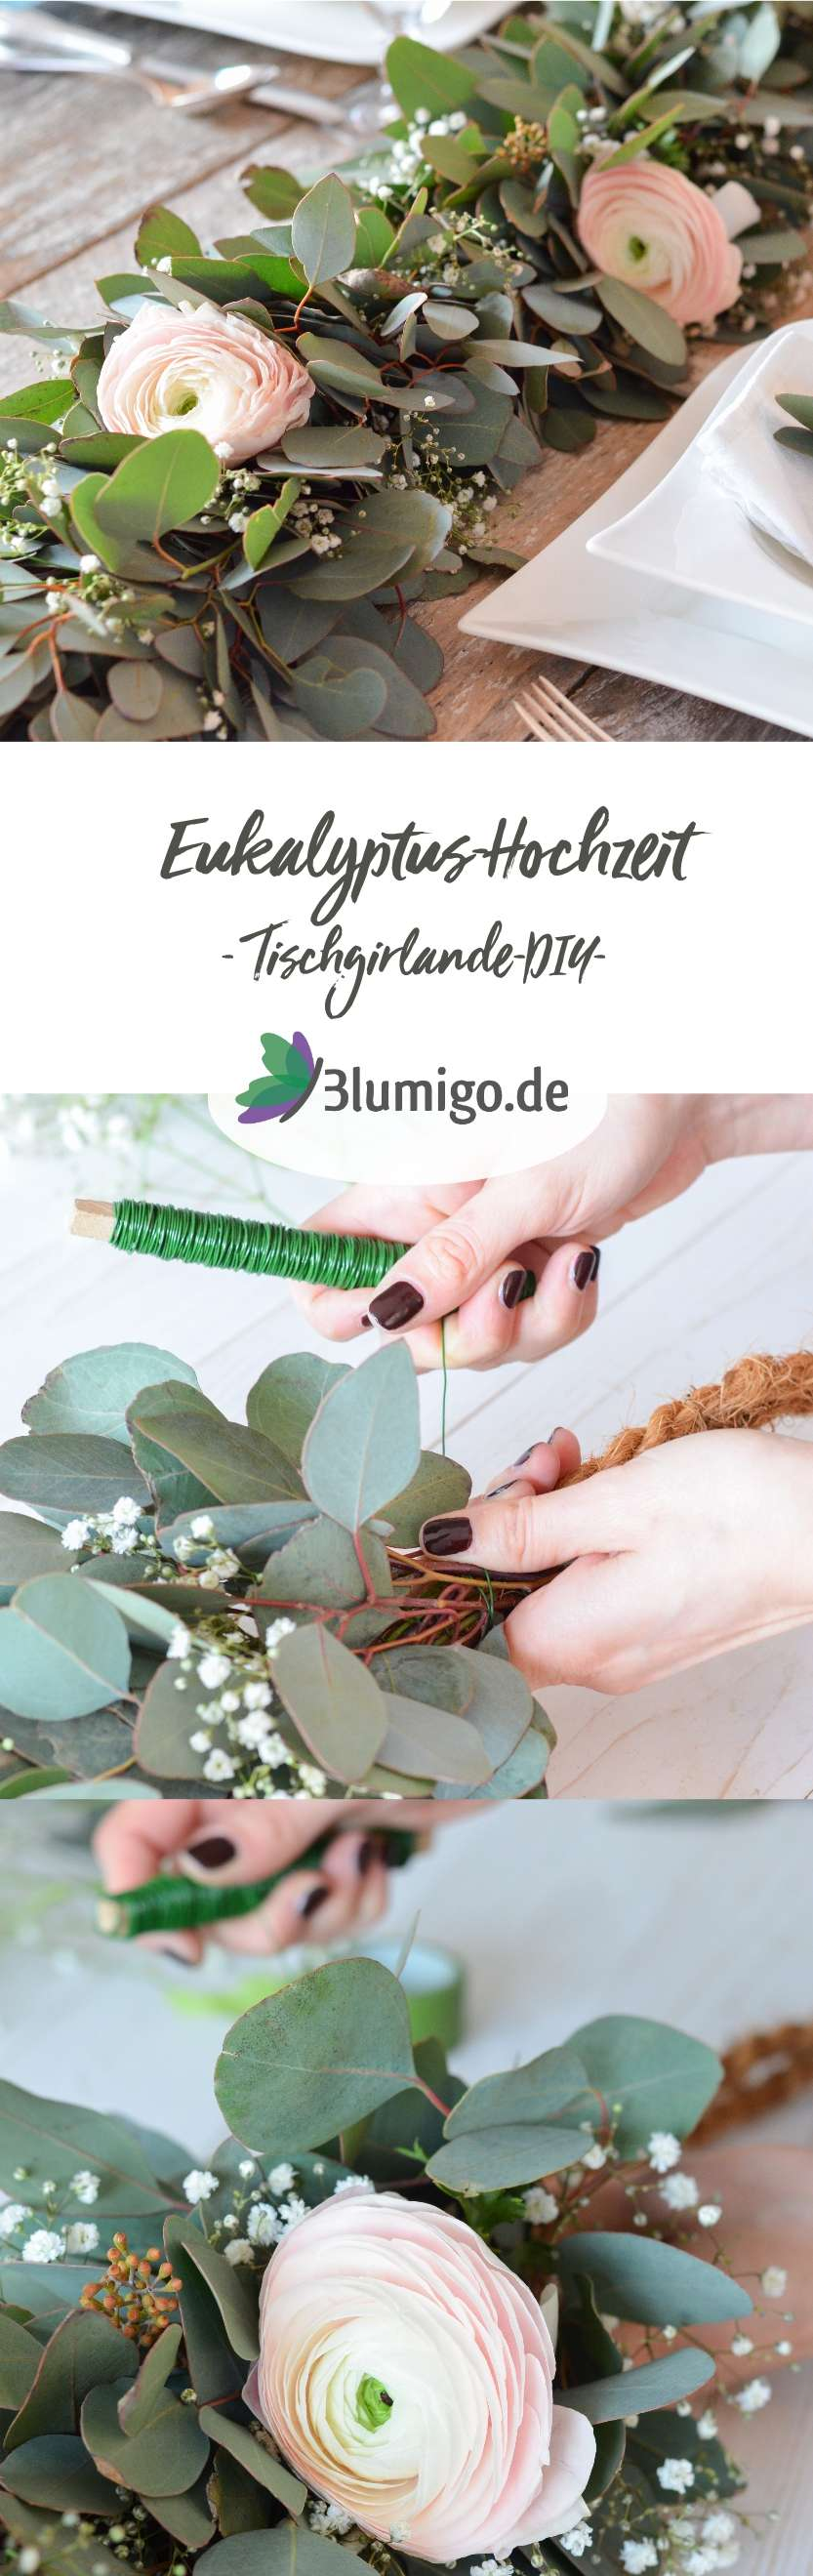 eukalyptus hochzeit teil 2 tischgirlande selber binden blumigo. Black Bedroom Furniture Sets. Home Design Ideas